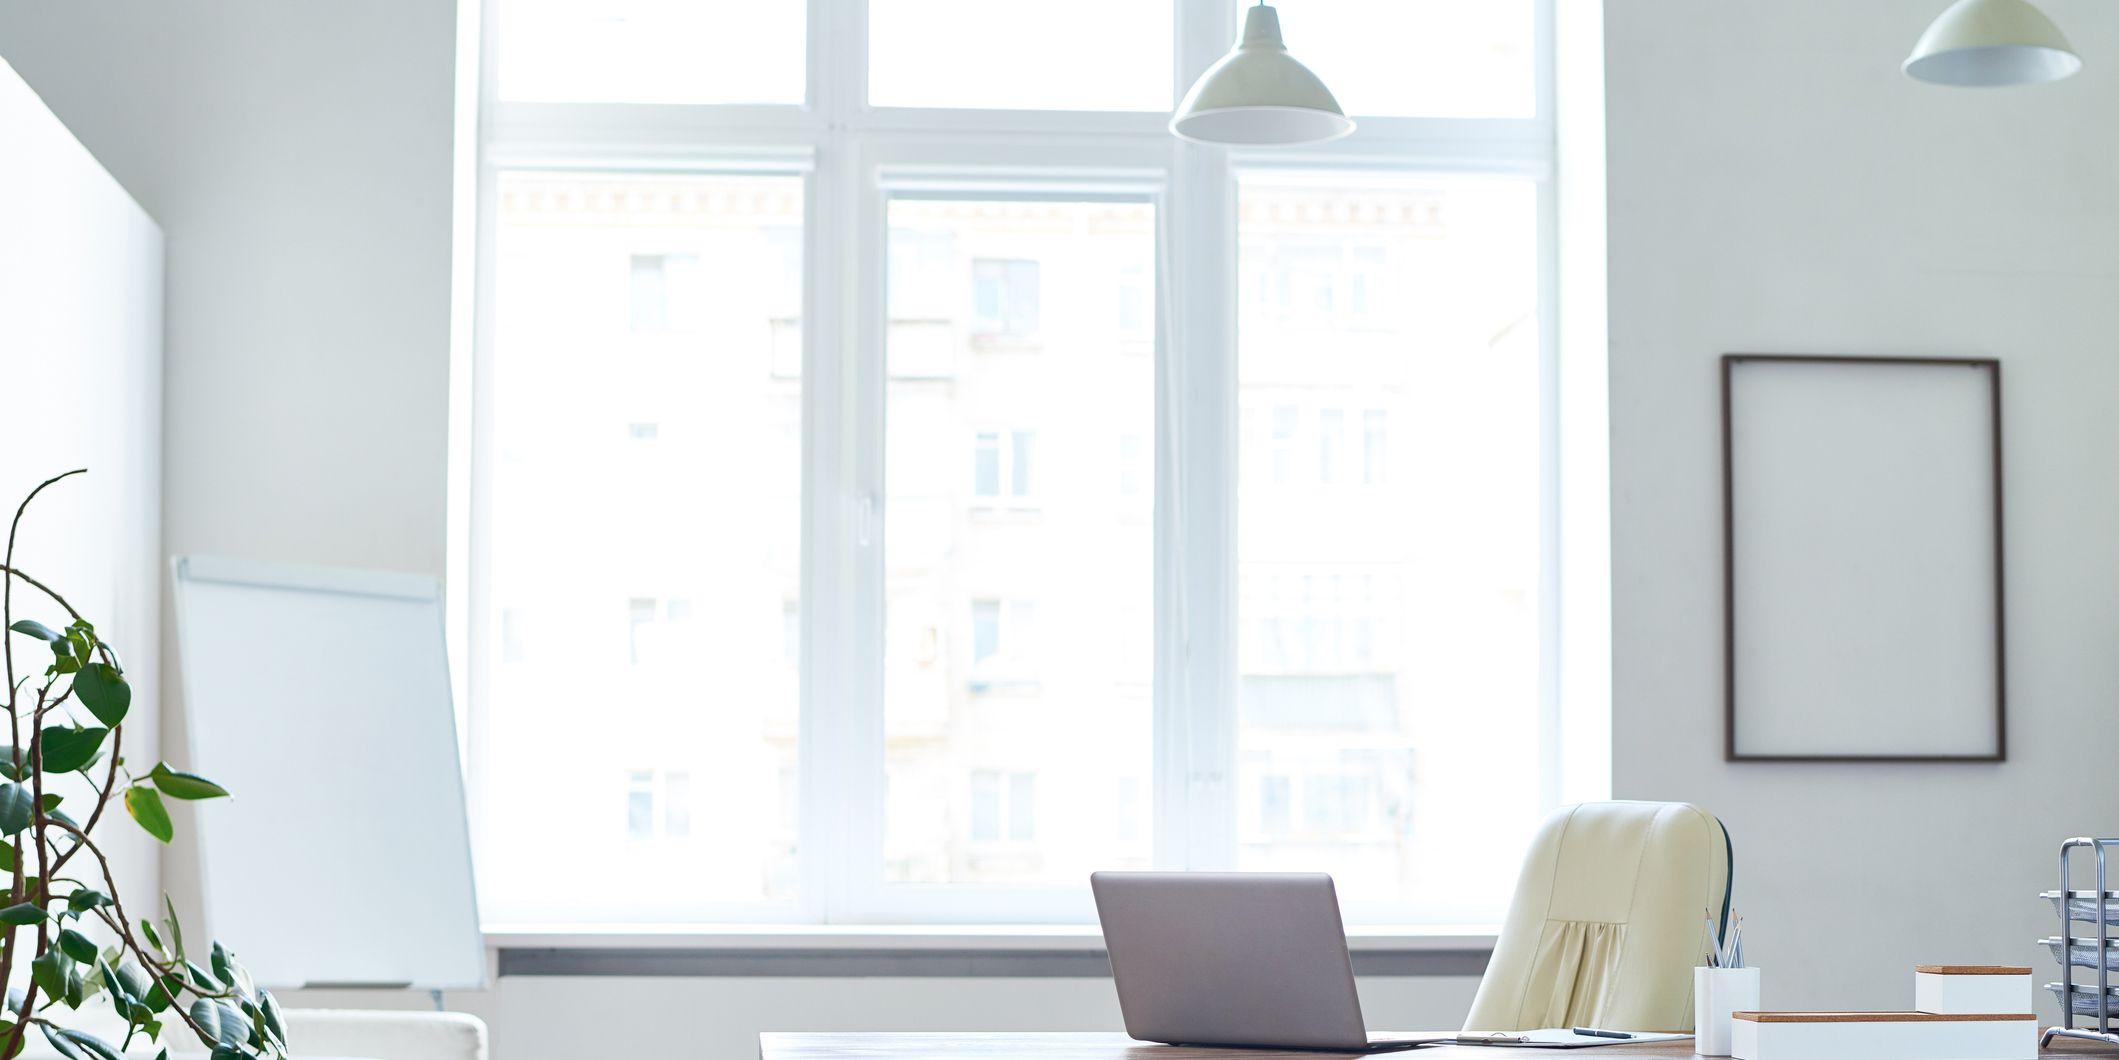 Bellen op kantoor - Met dit meubel kunnen je collega's niet meer je telefoontjes afluisteren